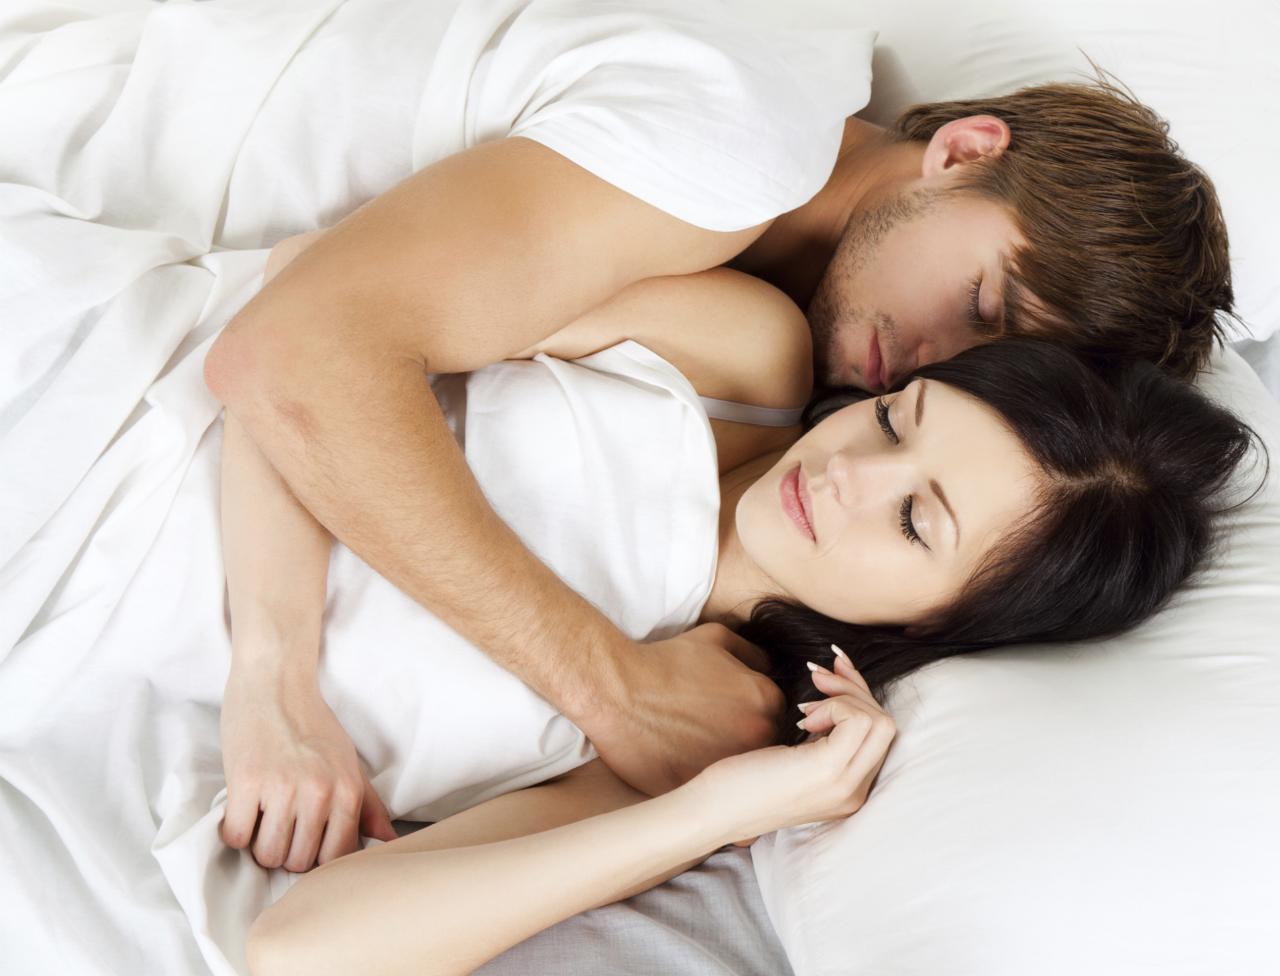 Секс женой ххх, Смотреть порно видео русских жен, измена жены онлайн 19 фотография